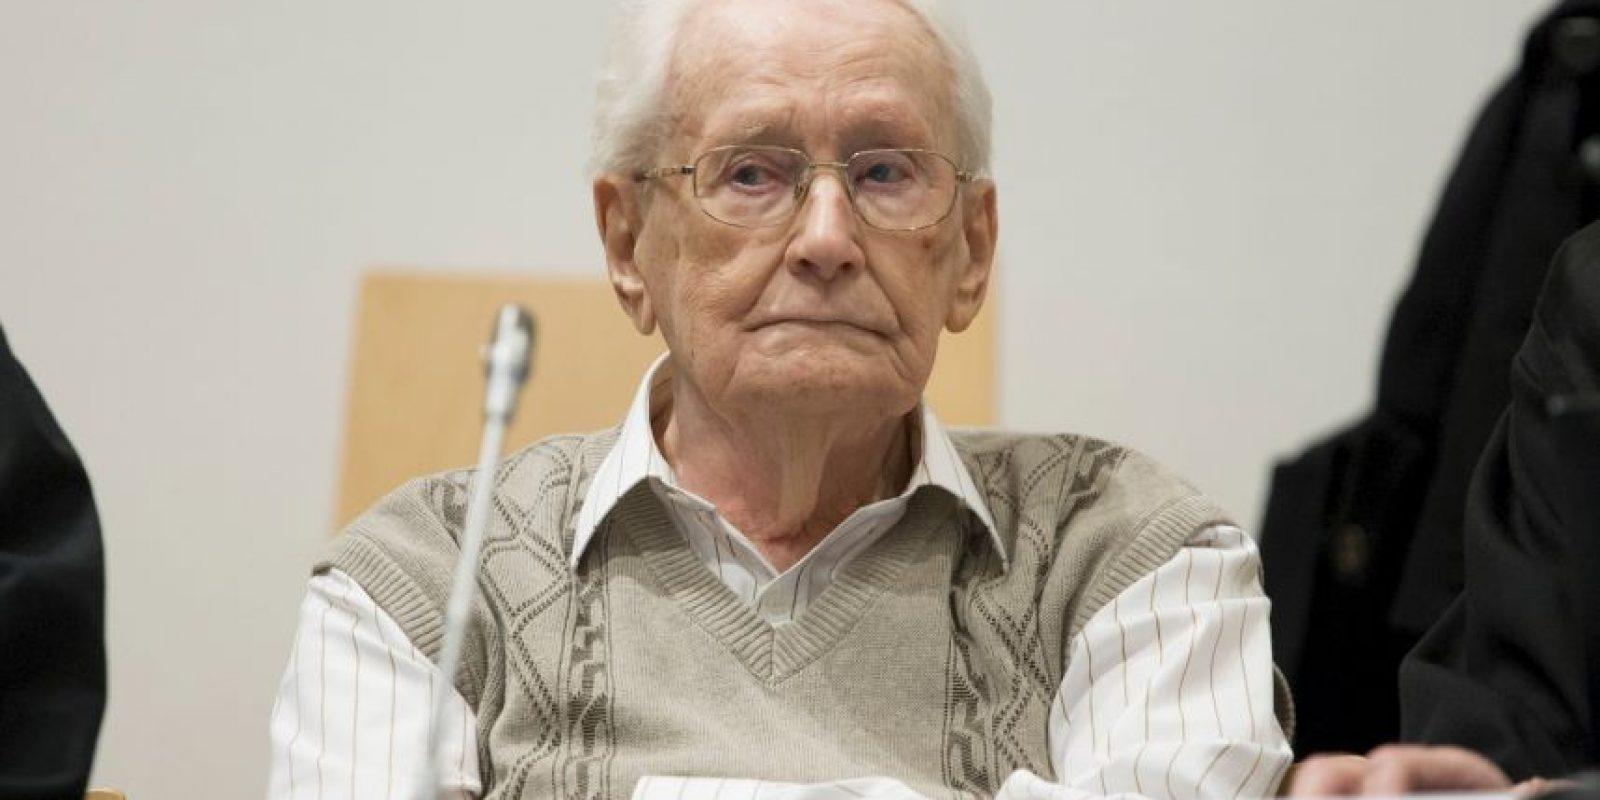 El proceso contra Oskar Gröning se considera uno de los últimos grandes juicios por los crímenes nazis Foto:Getty Images